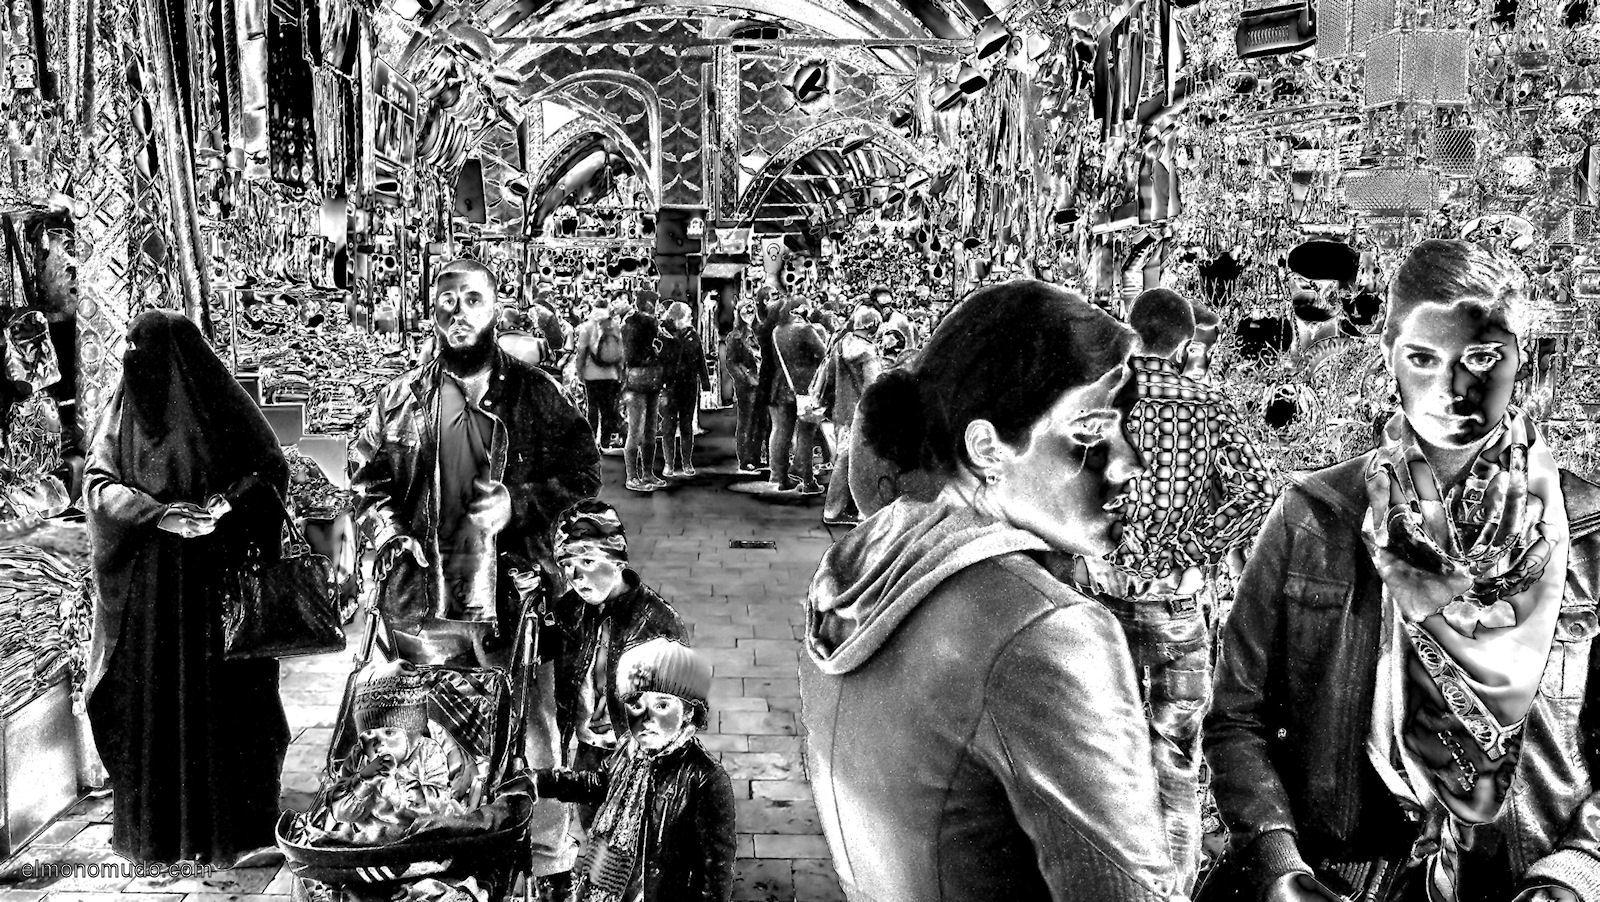 Gran Bazar Estambul 2011 variation bn 1